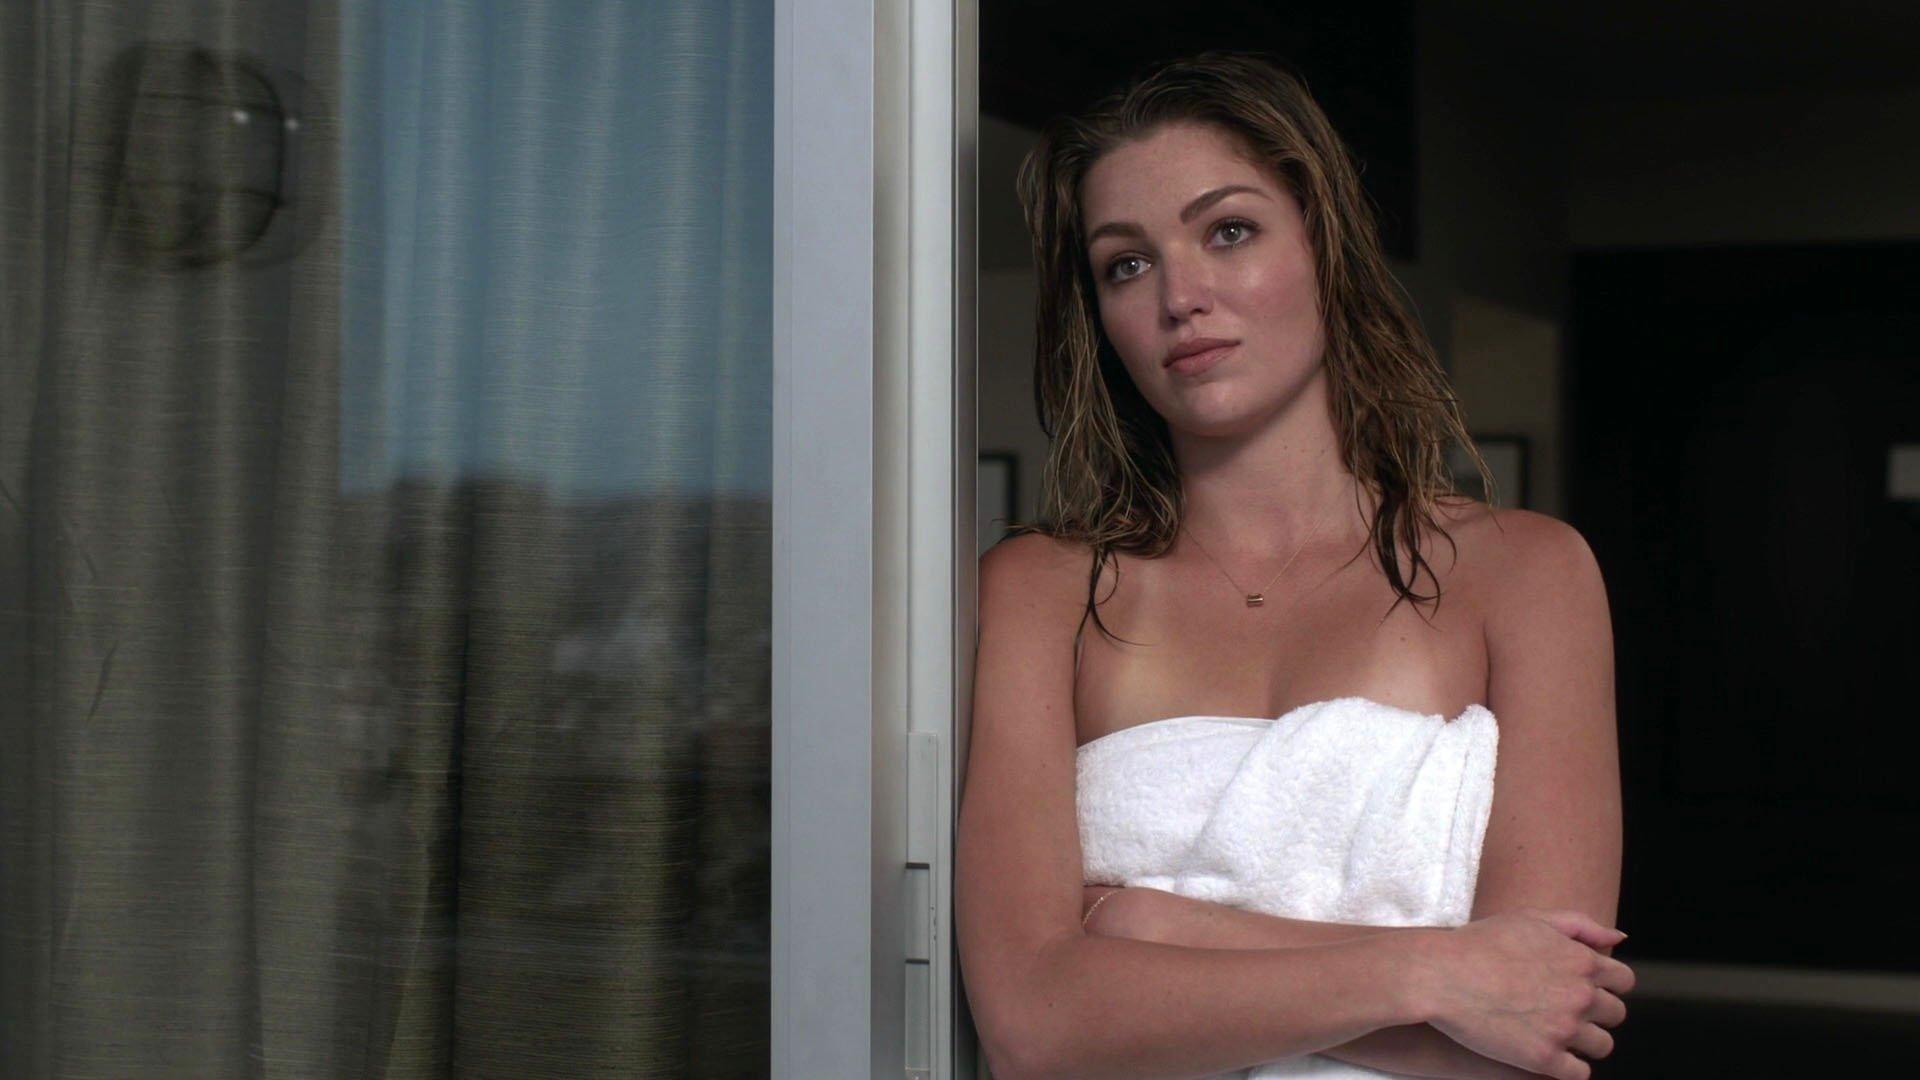 Lili Simmons nude - Ray Donovan s05e09 (2017)